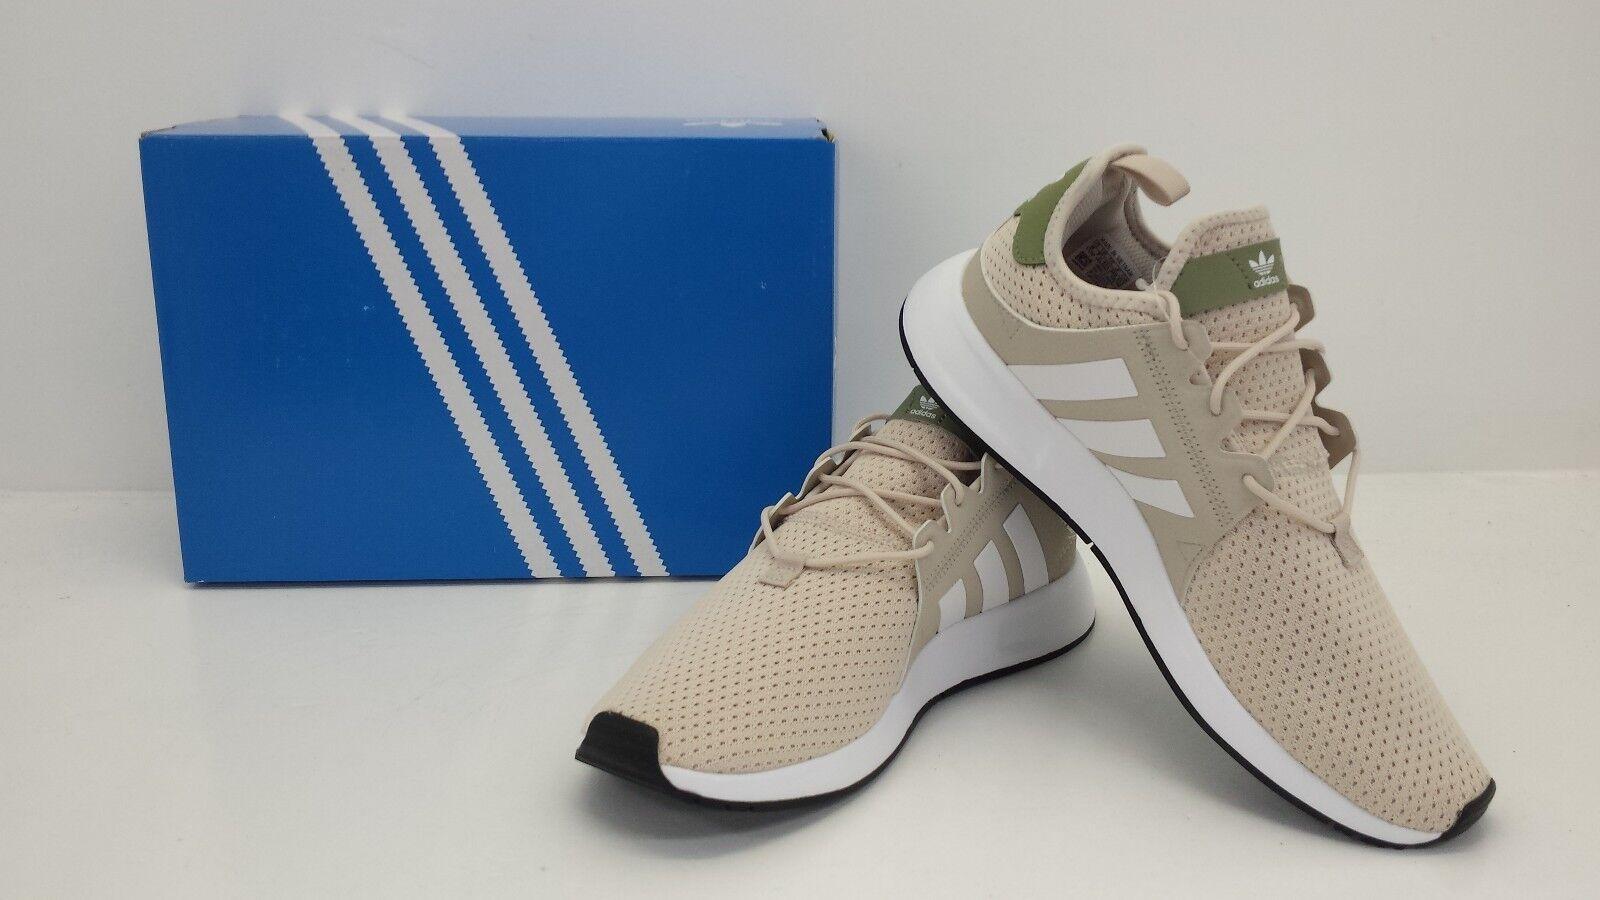 Adidas X_PLR Originals Men's X_PLR Adidas Runner CBrown/Wht/Tracar CQ2410 - BRAND NEW IN BOX b0e48a